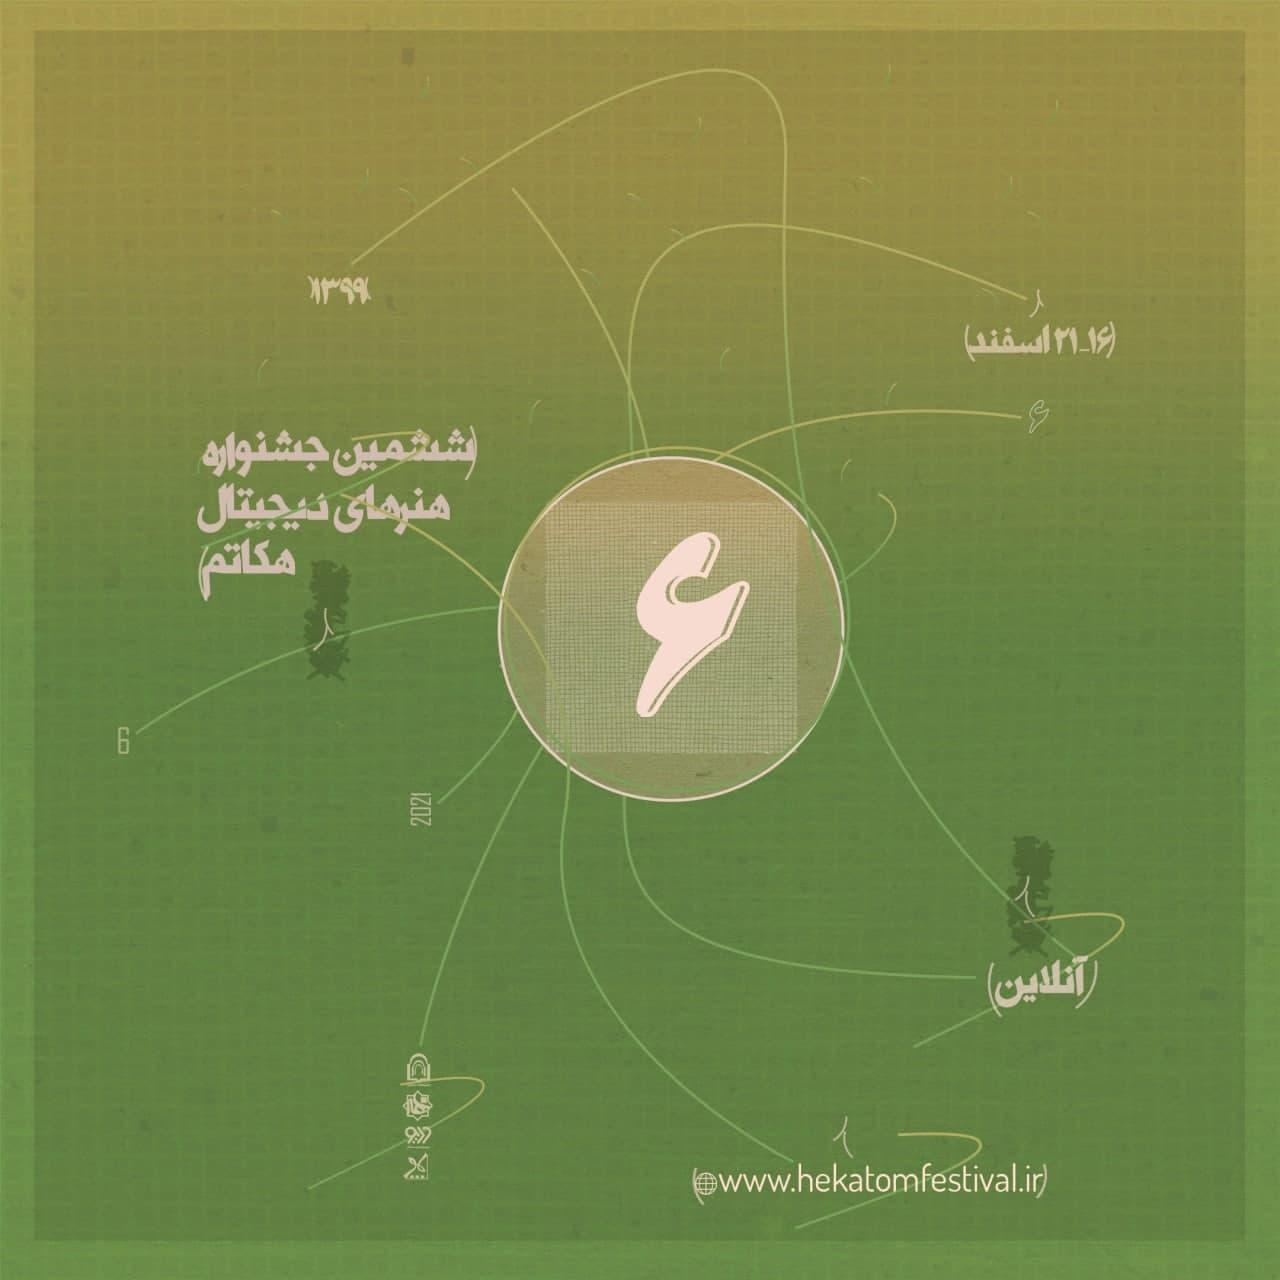 هیئت انتخاب بخش رقابتی ششمین جشنواره ملی هنرهای دیجیتال هکاتم معرفی شدند.